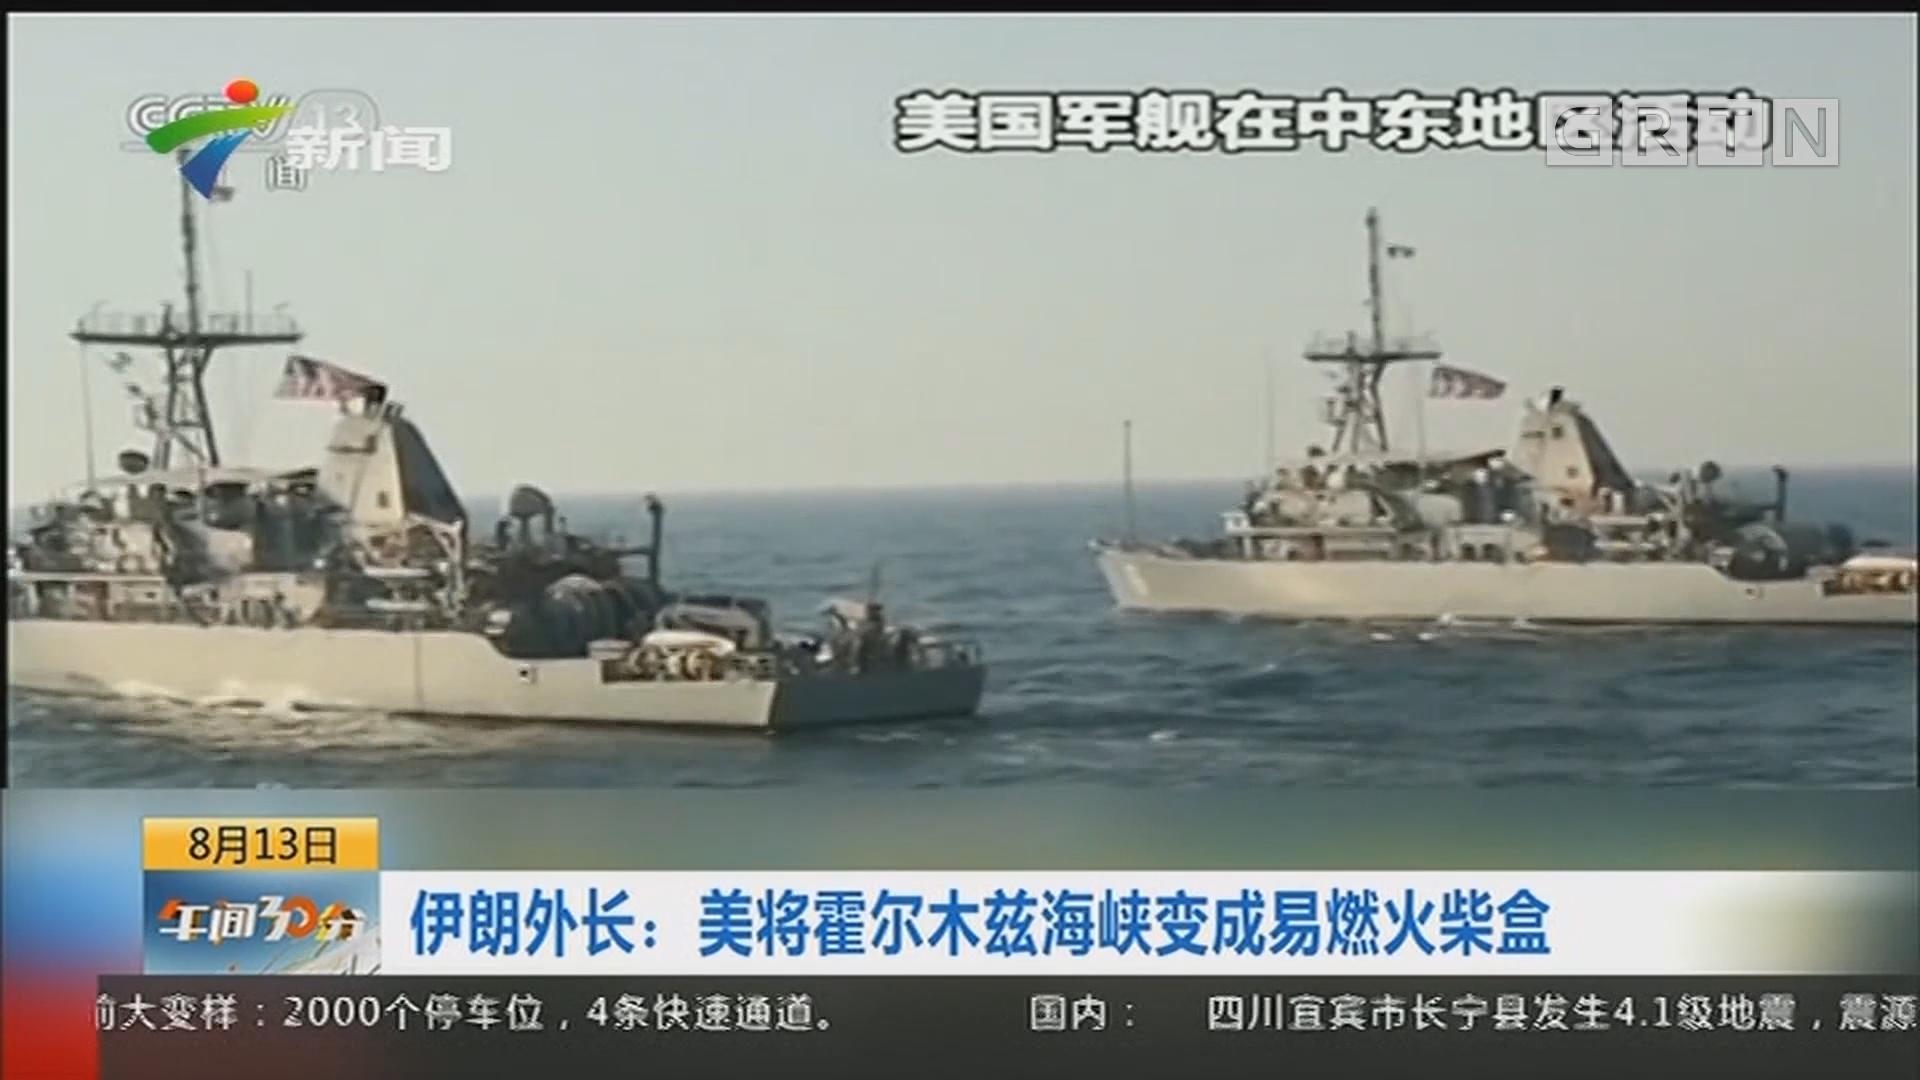 伊朗外长:美将霍尔木兹海峡变成易燃火柴盒